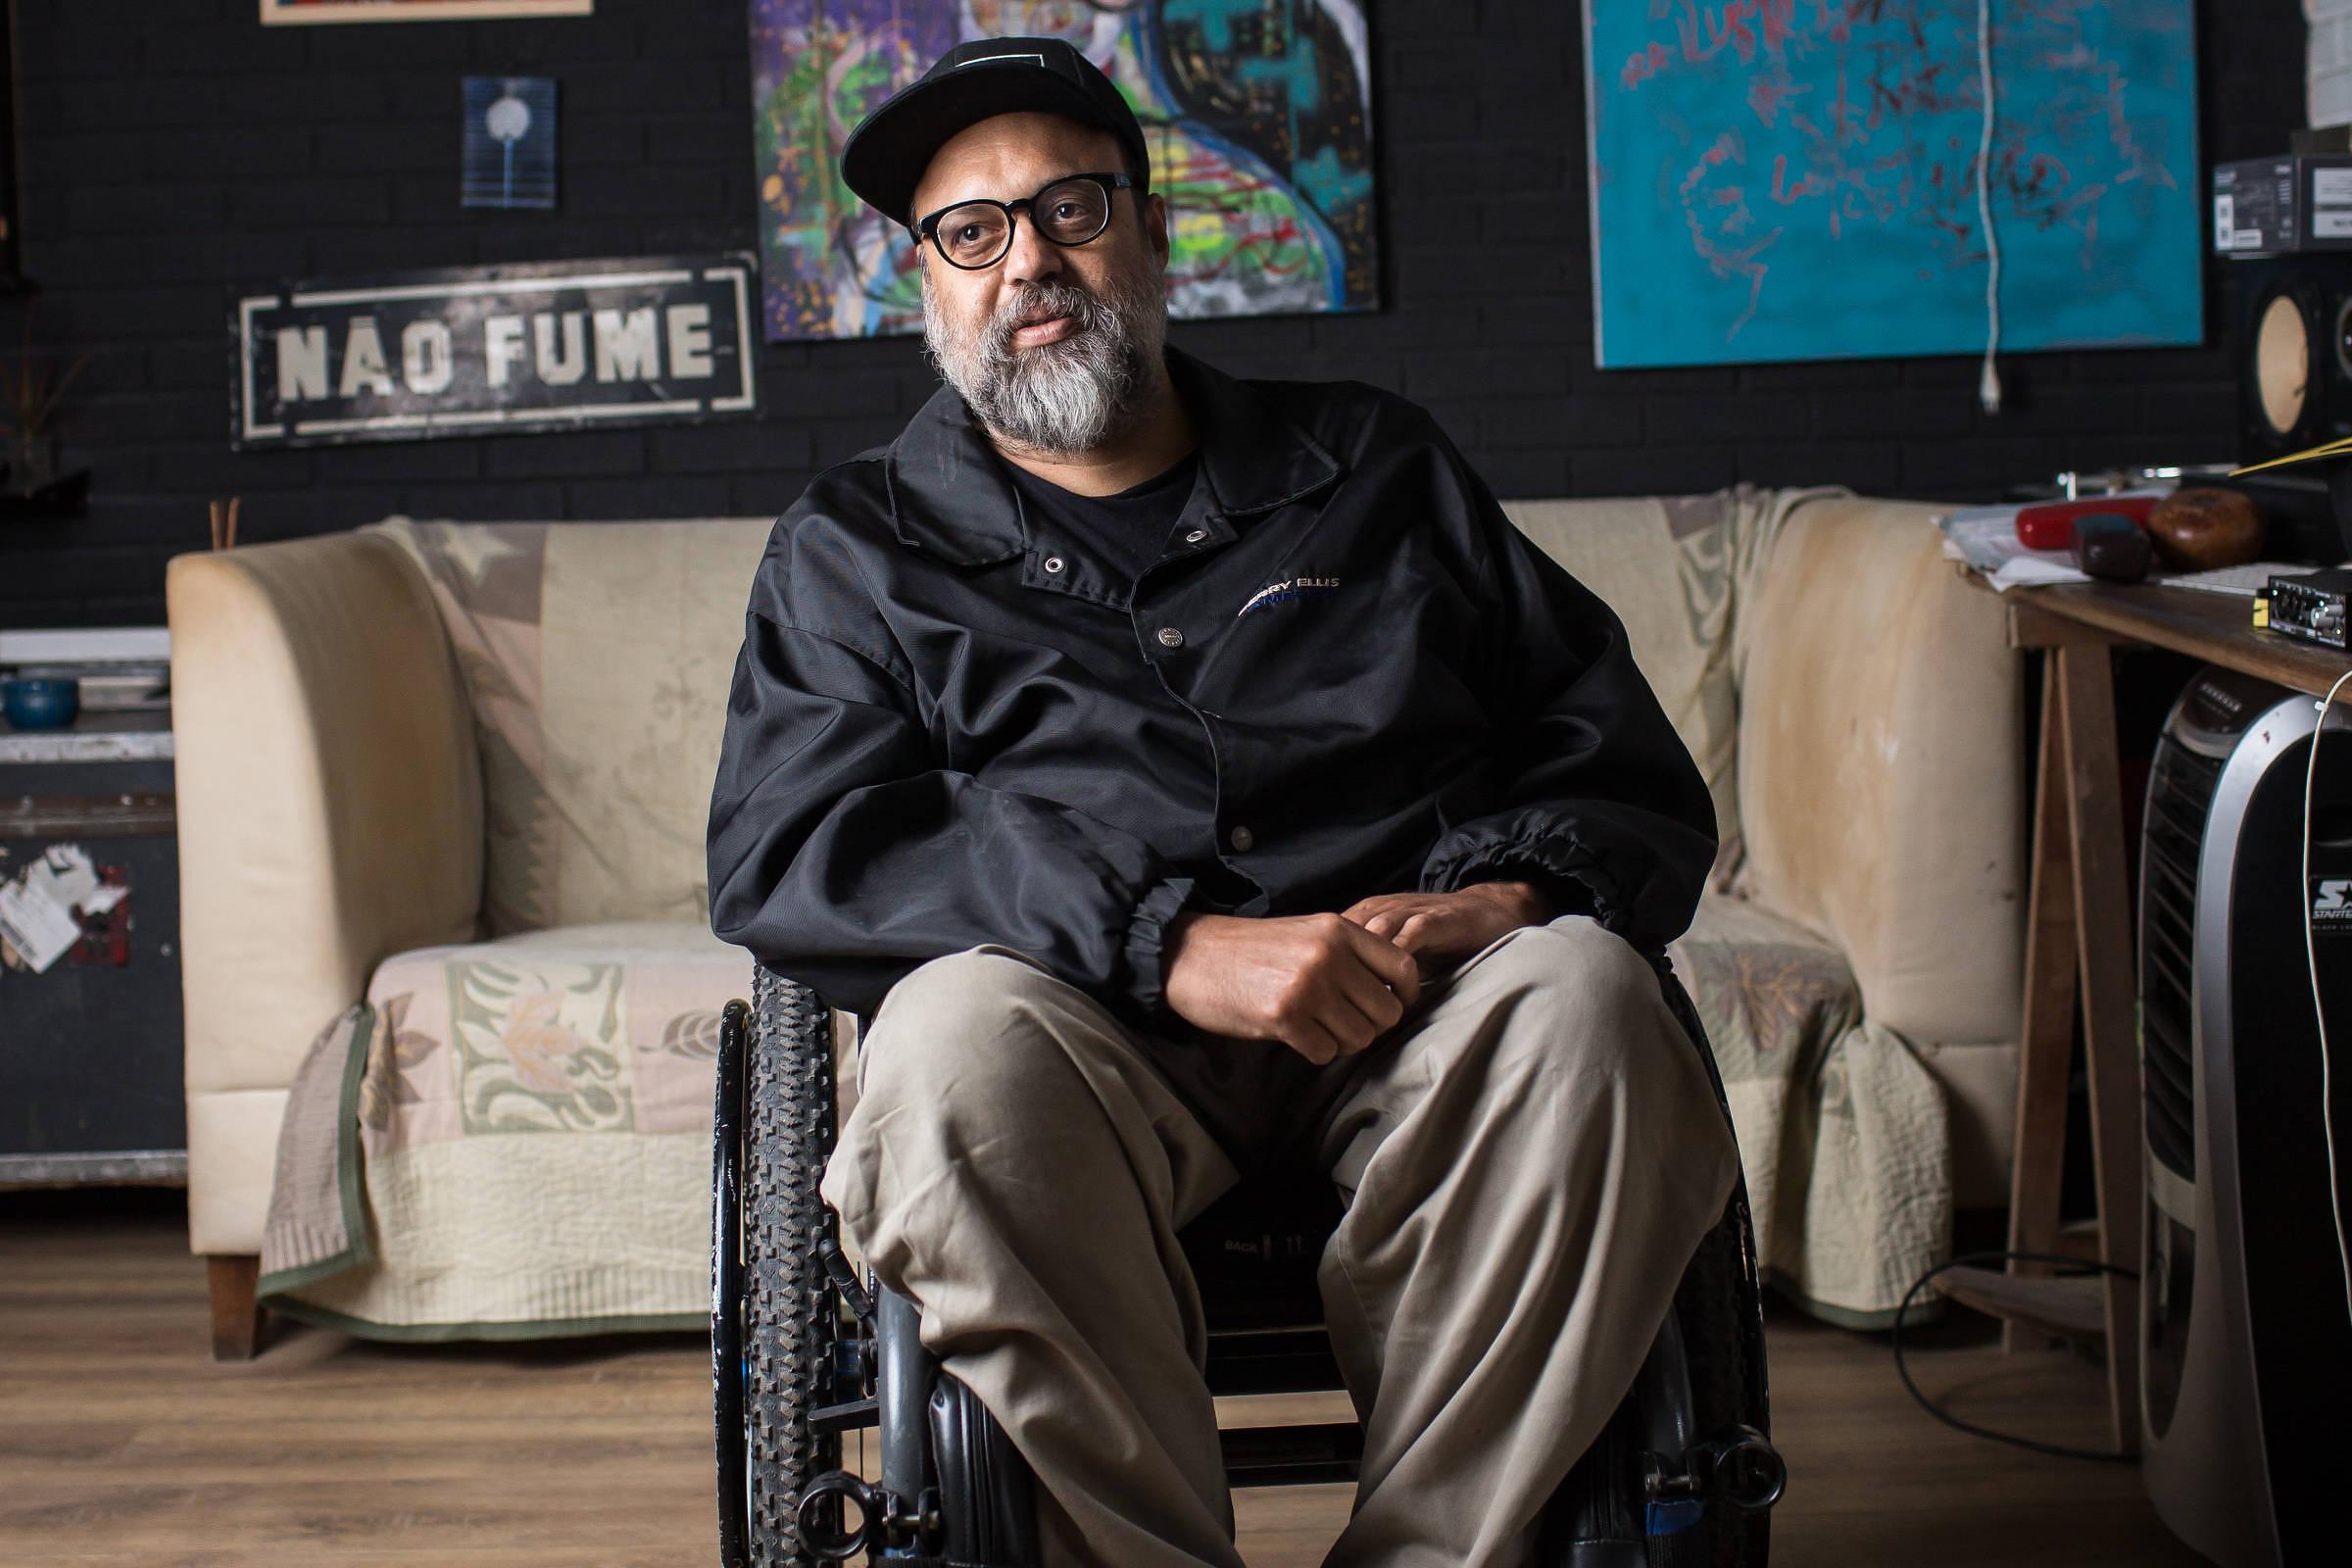 Músico Marcelo Yuka está internado em estado grave